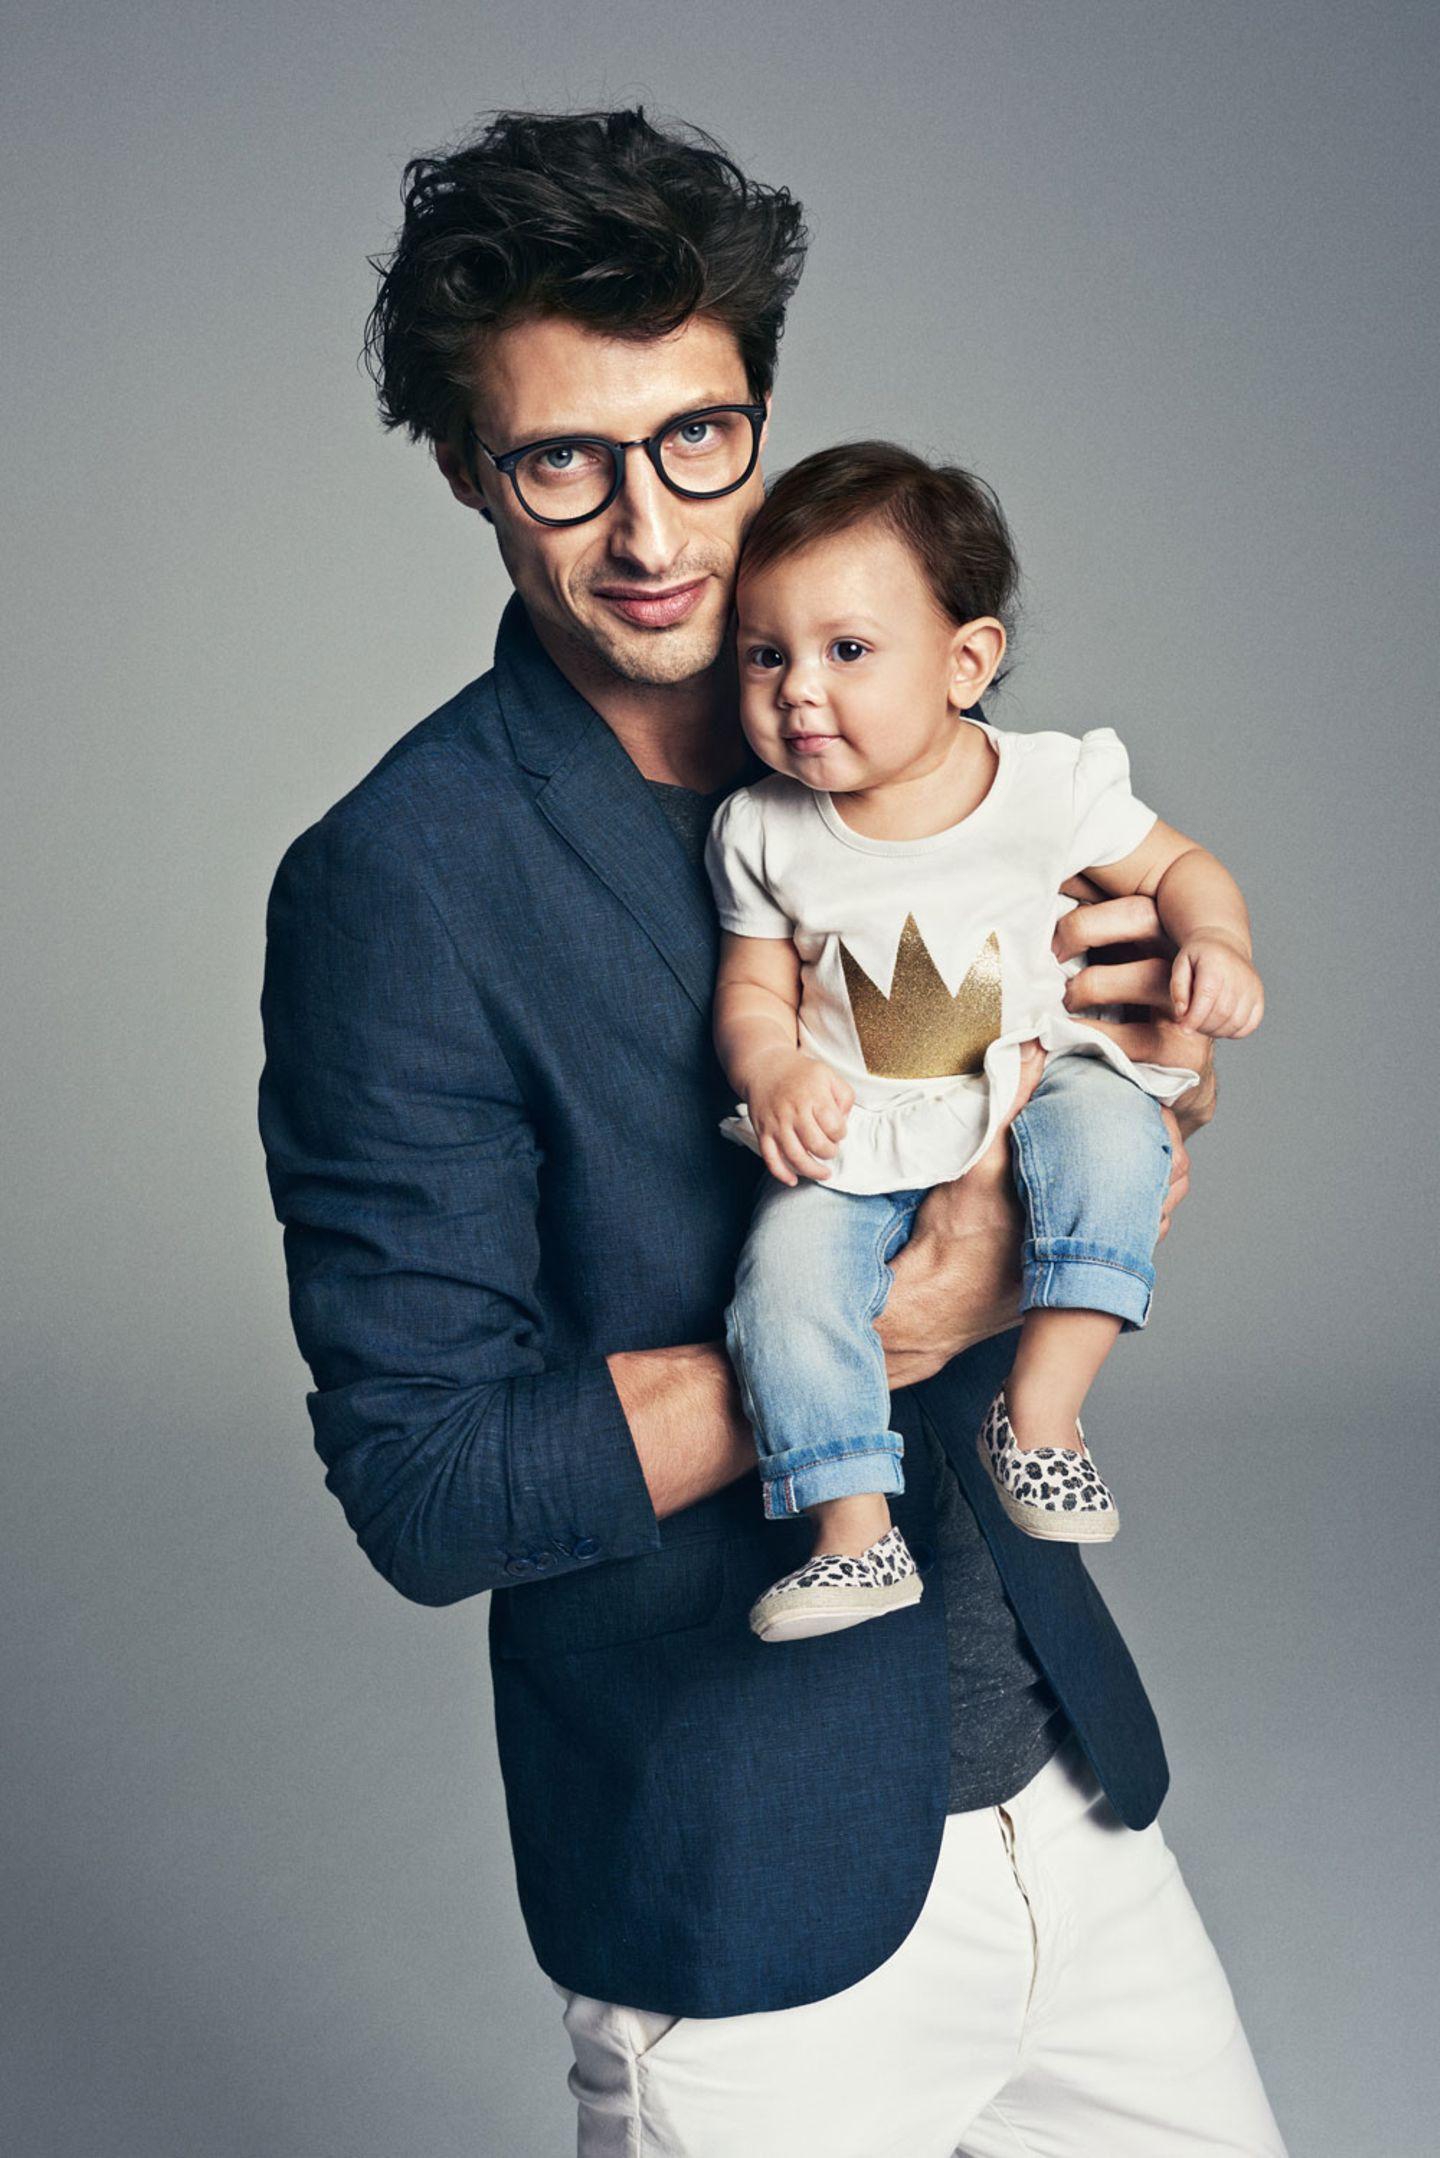 Die Kleine ist die Größte! Sie trägt ein Volant-Shirt mit glitzernder Krone, Jeans und Espadrilles.